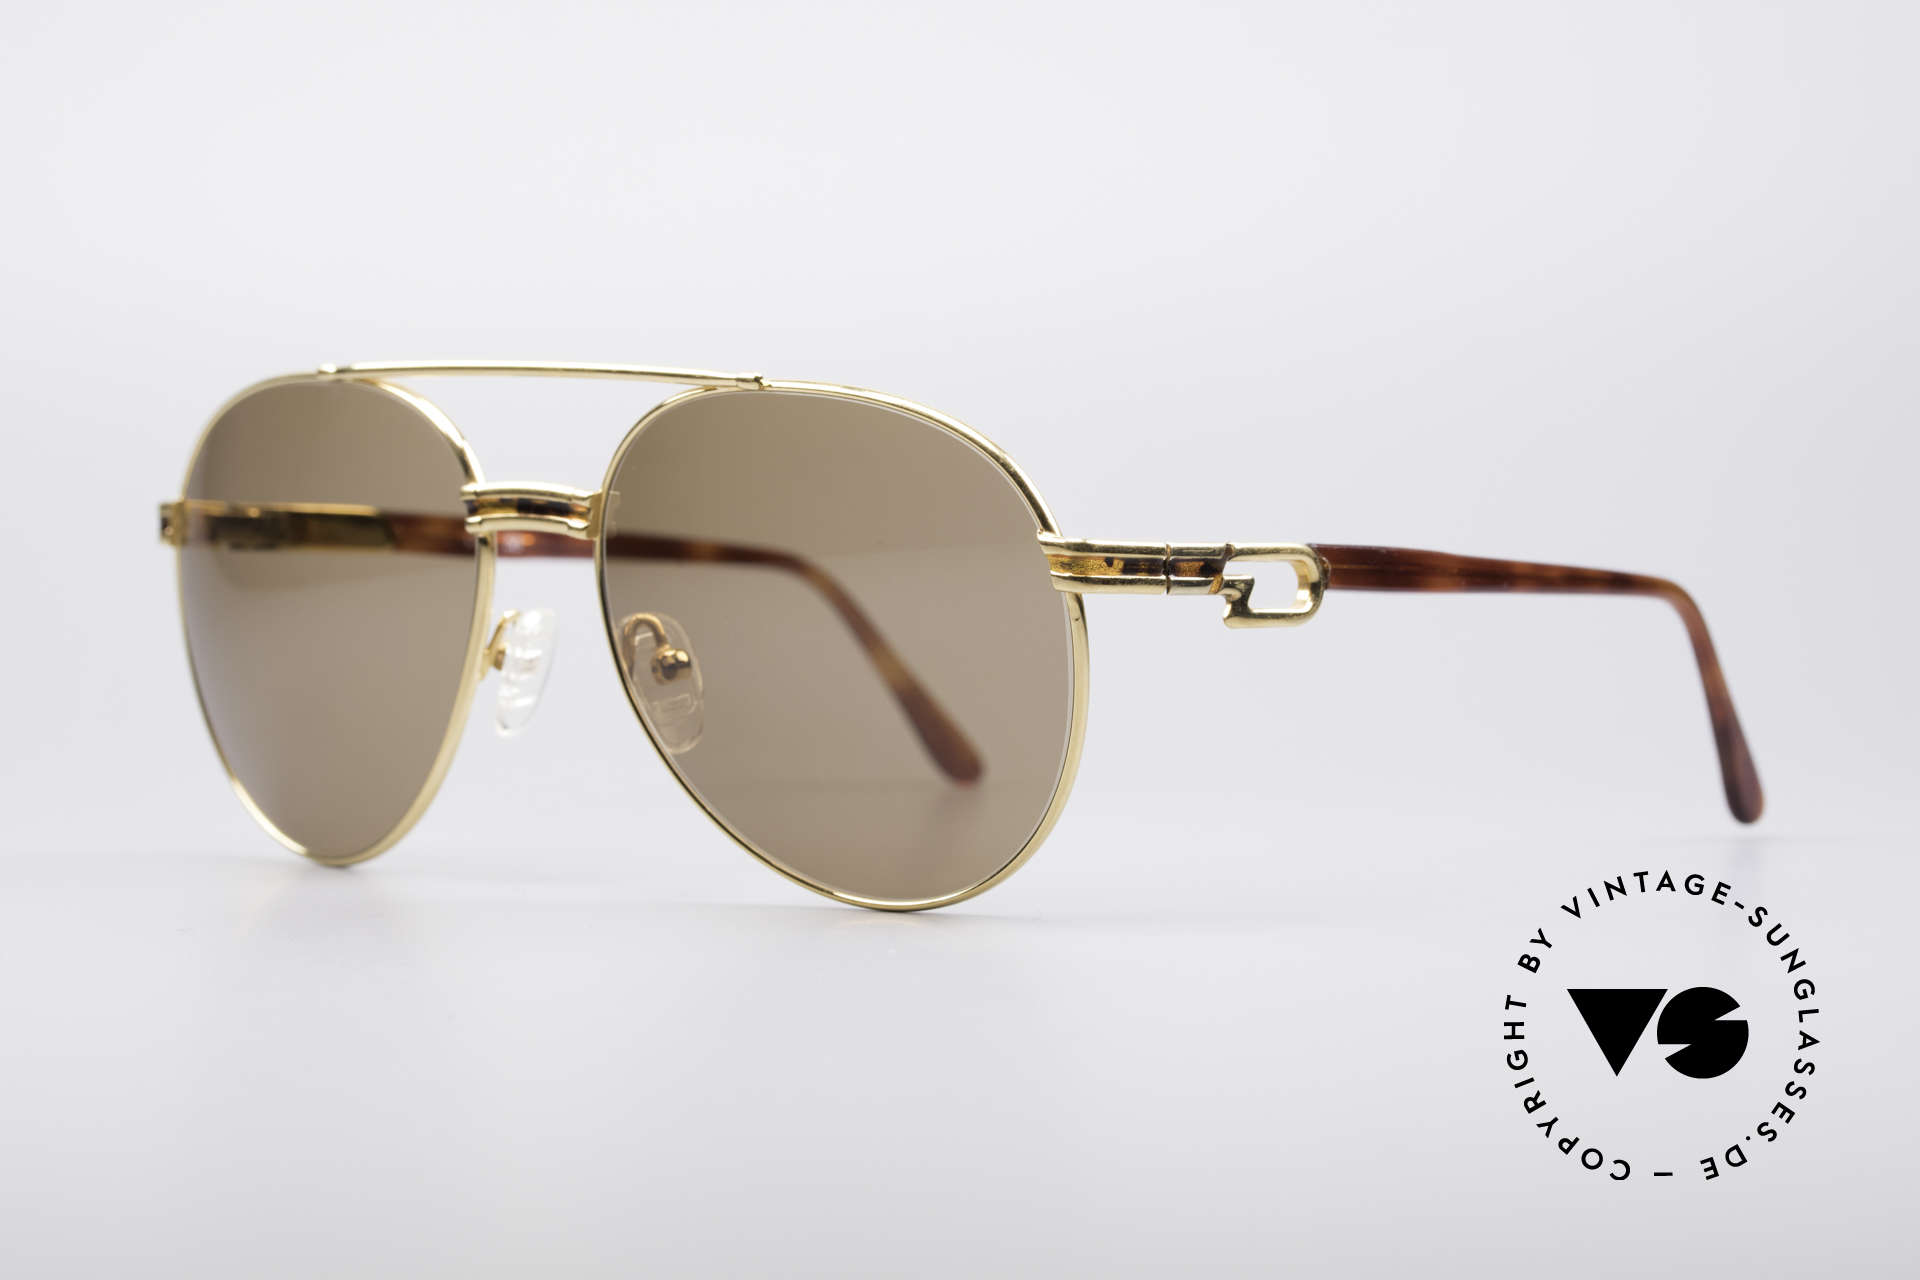 Derapage D2 Vintage No Retro Brille, absolute Top-Qualität und Passform (Federscharniere), Passend für Herren